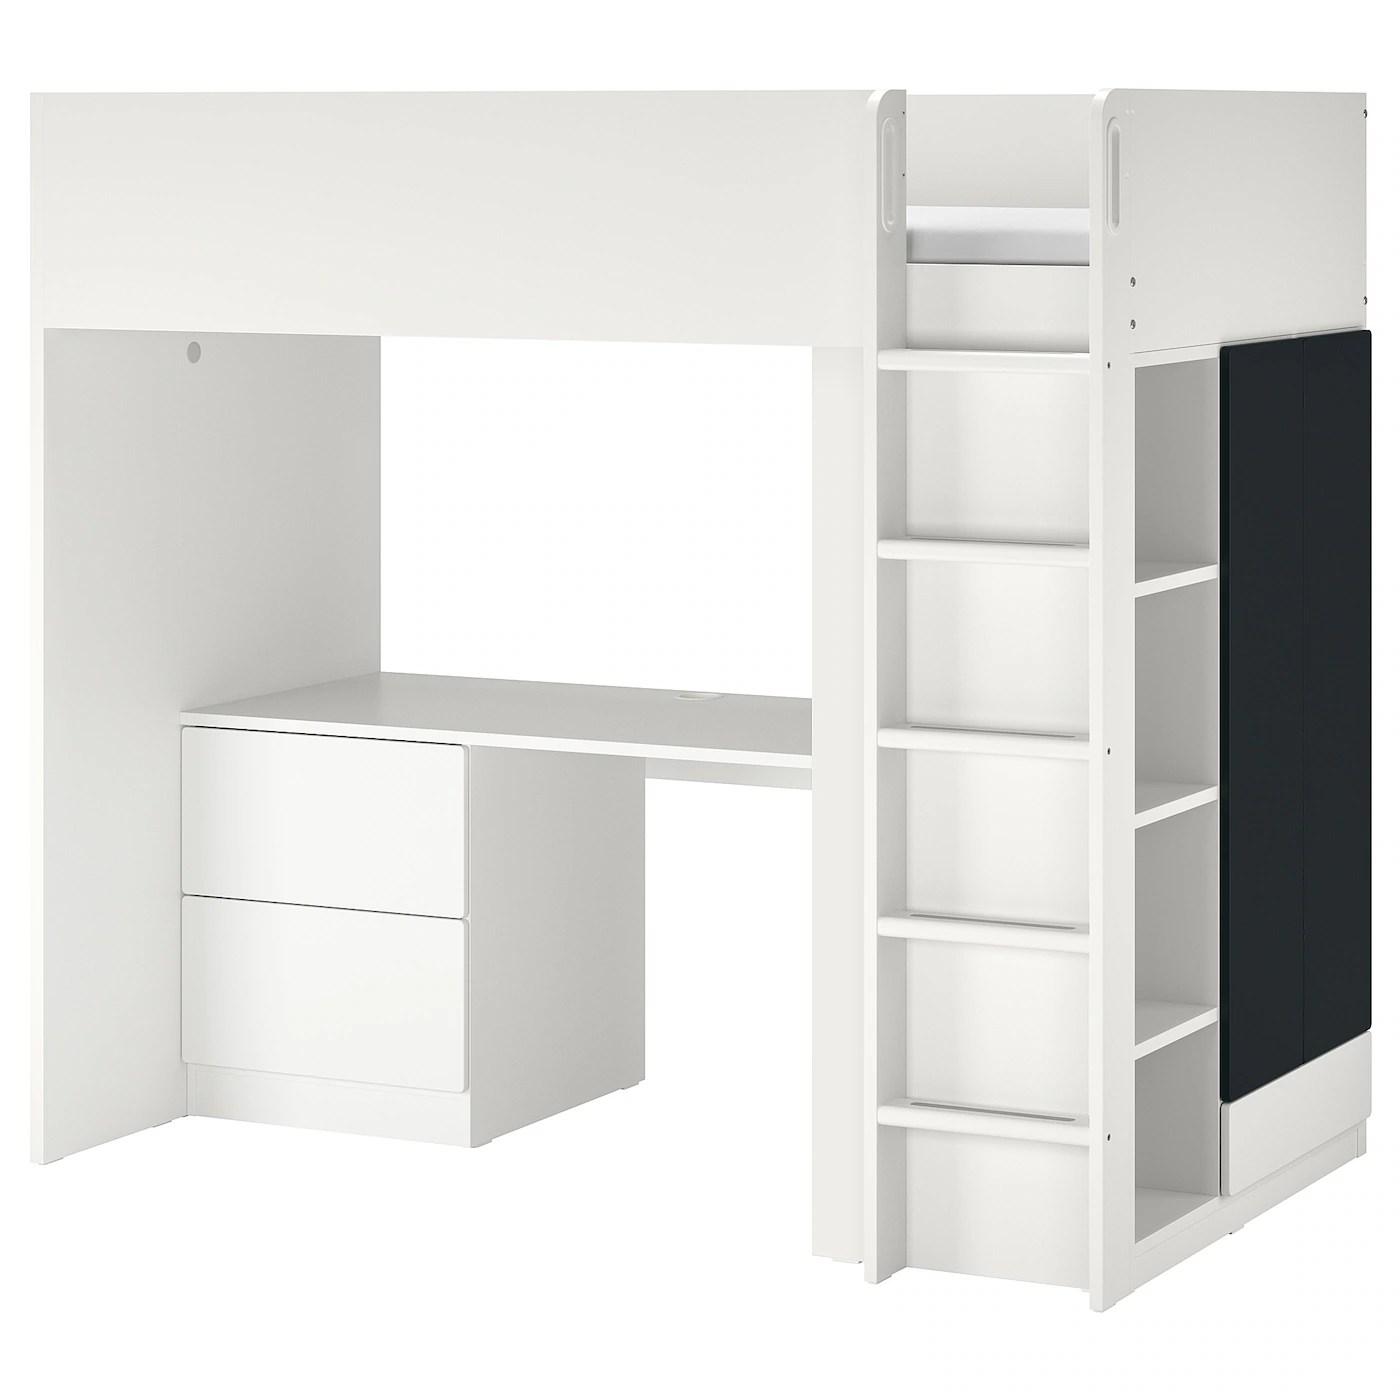 smastad lit mezzanine blanc surface tableau noir avec bureau avec 3 tiroirs 90x200 cm